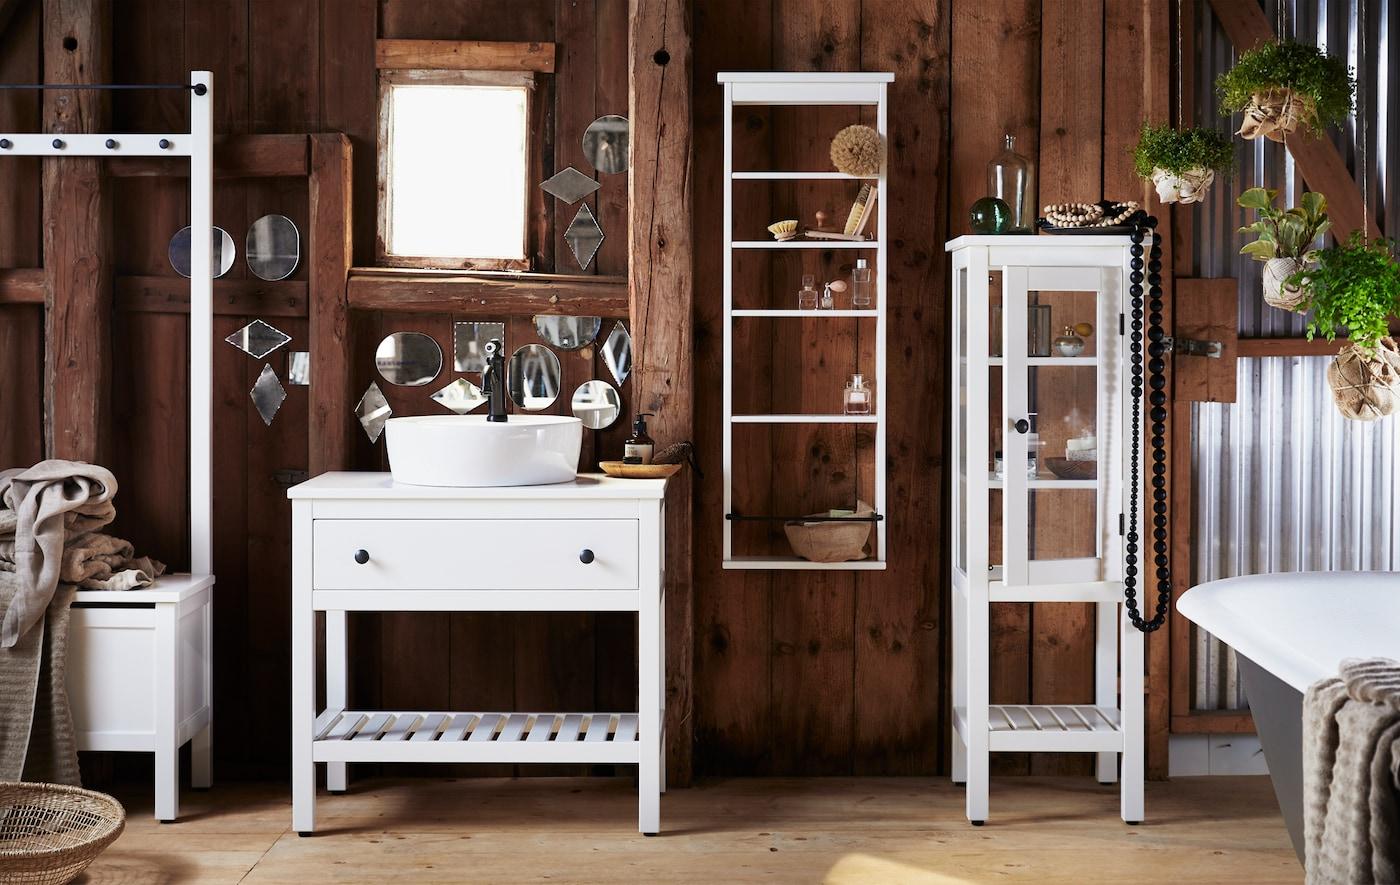 Mobile Bagno Ikea Immagini i nuovi mobili hemnes per il bagno - ikea it